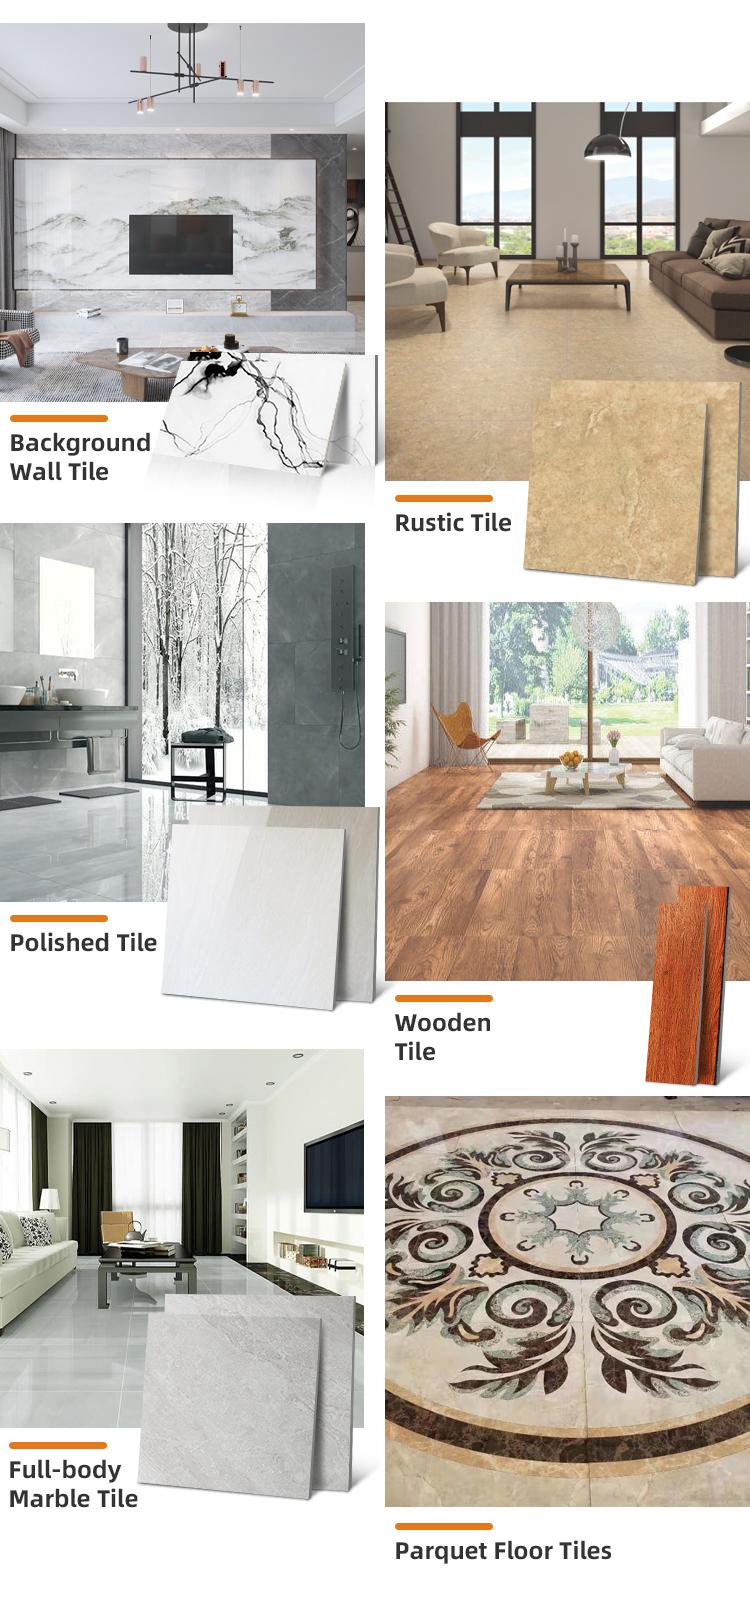 drawing room non-slip parquet floor tiles wear resistant matt  floor tiles